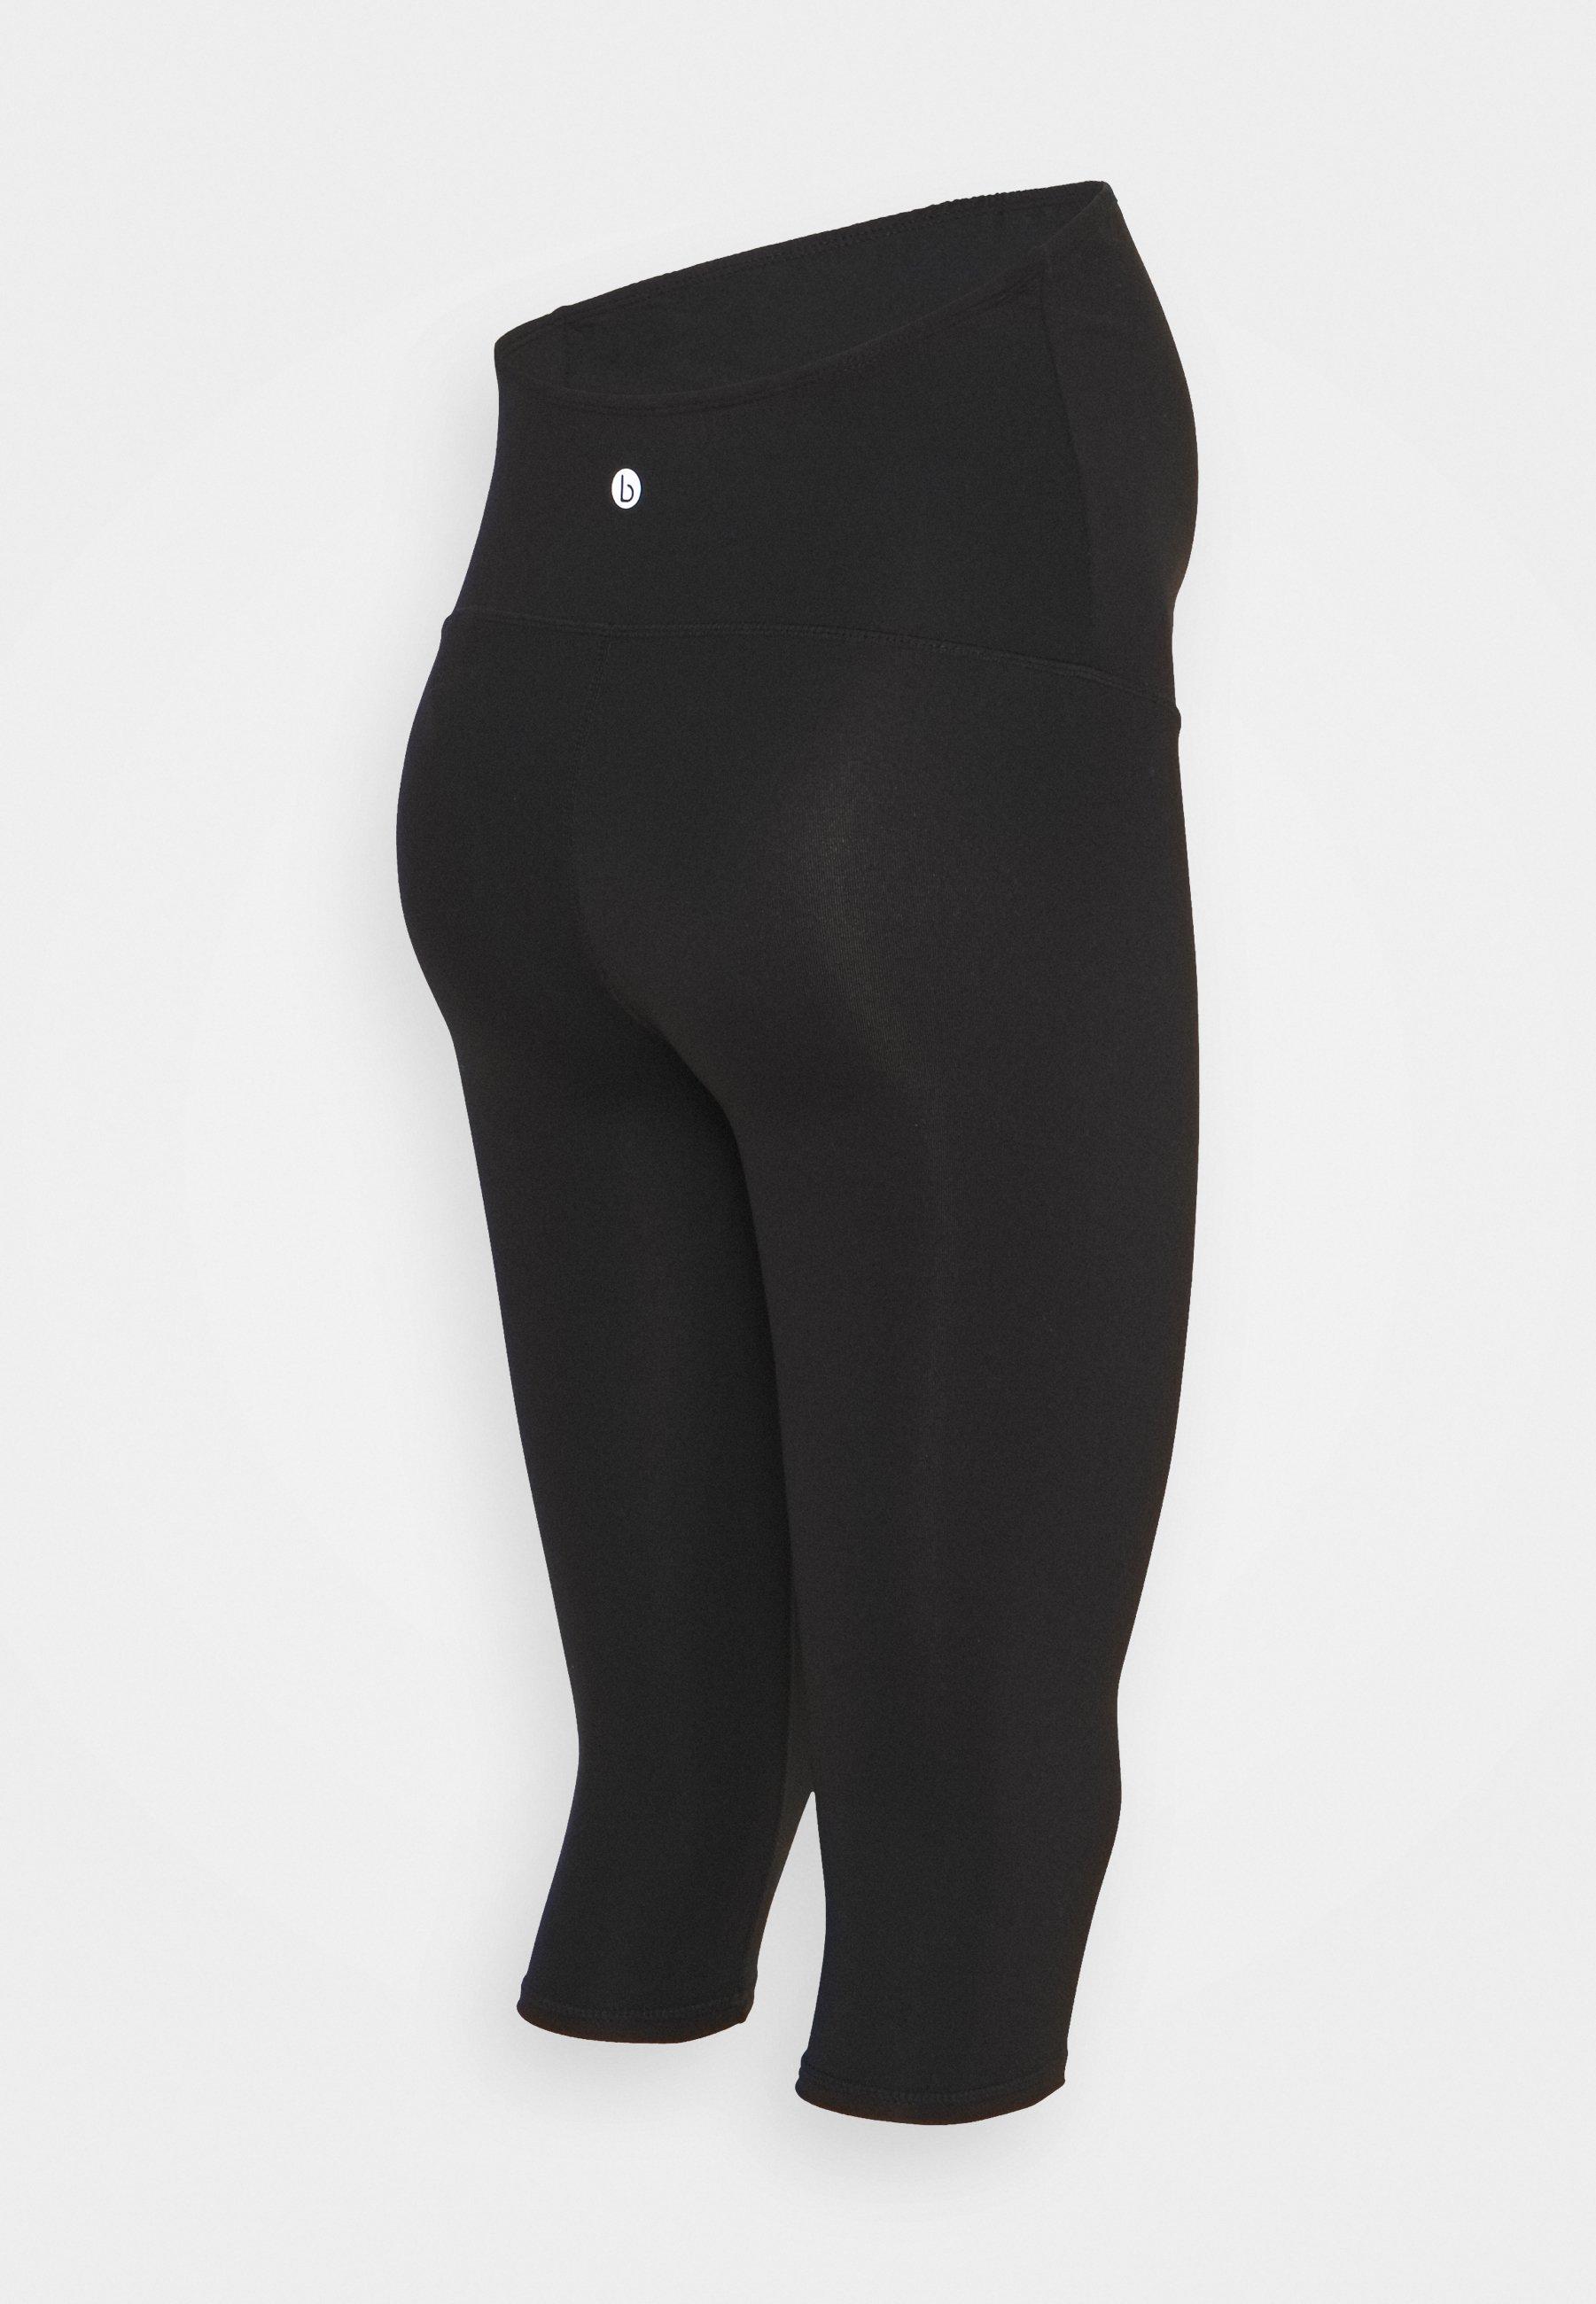 Damen CORE CAPRI OVER BELLY TIGHT - 3/4 Sporthose